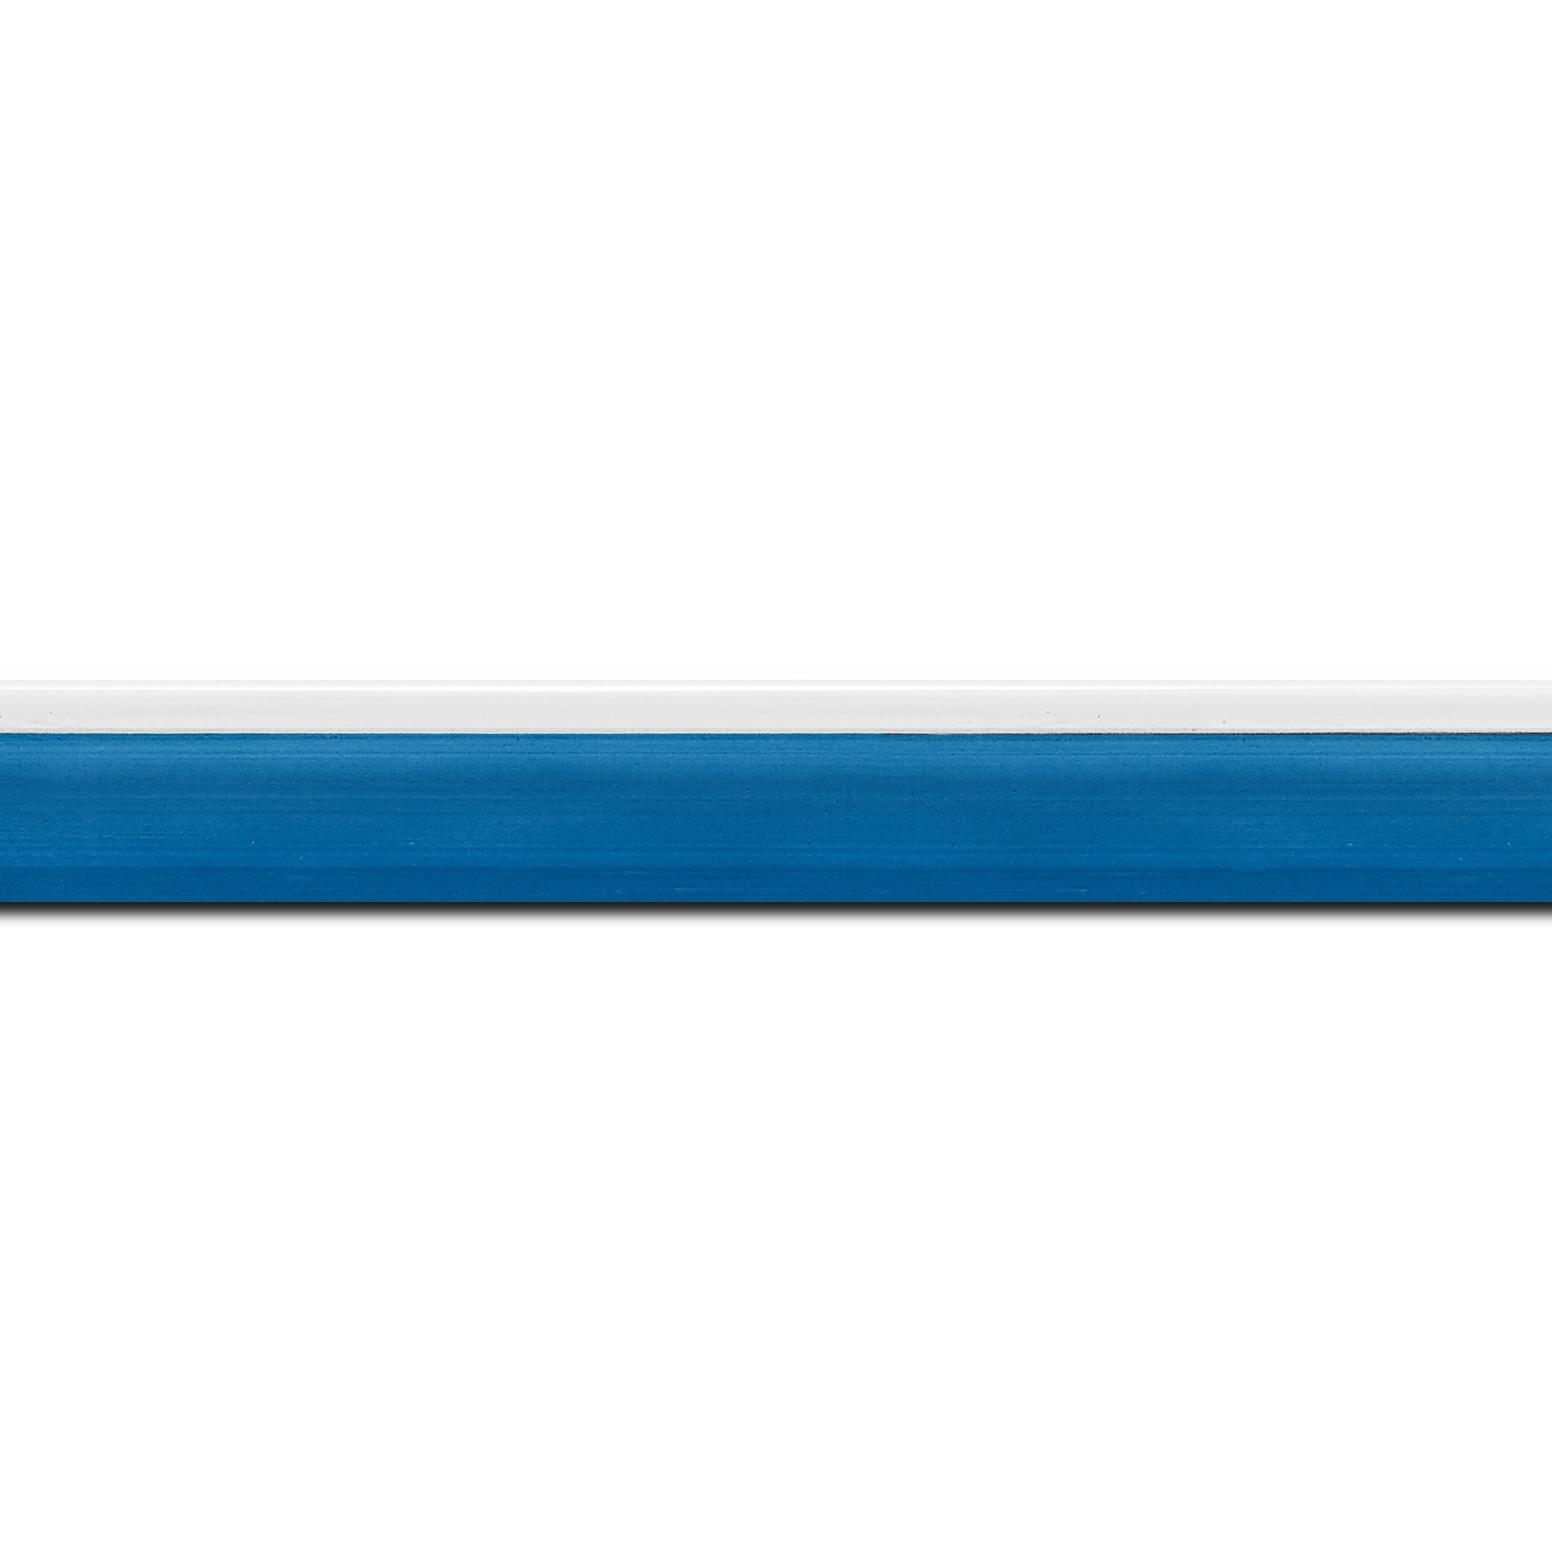 Pack par 12m, bois profil en pente plongeant largeur 2.2cm couleur bleu lagon laqué filet extérieur blanc laqué(longueur baguette pouvant varier entre 2.40m et 3m selon arrivage des bois)